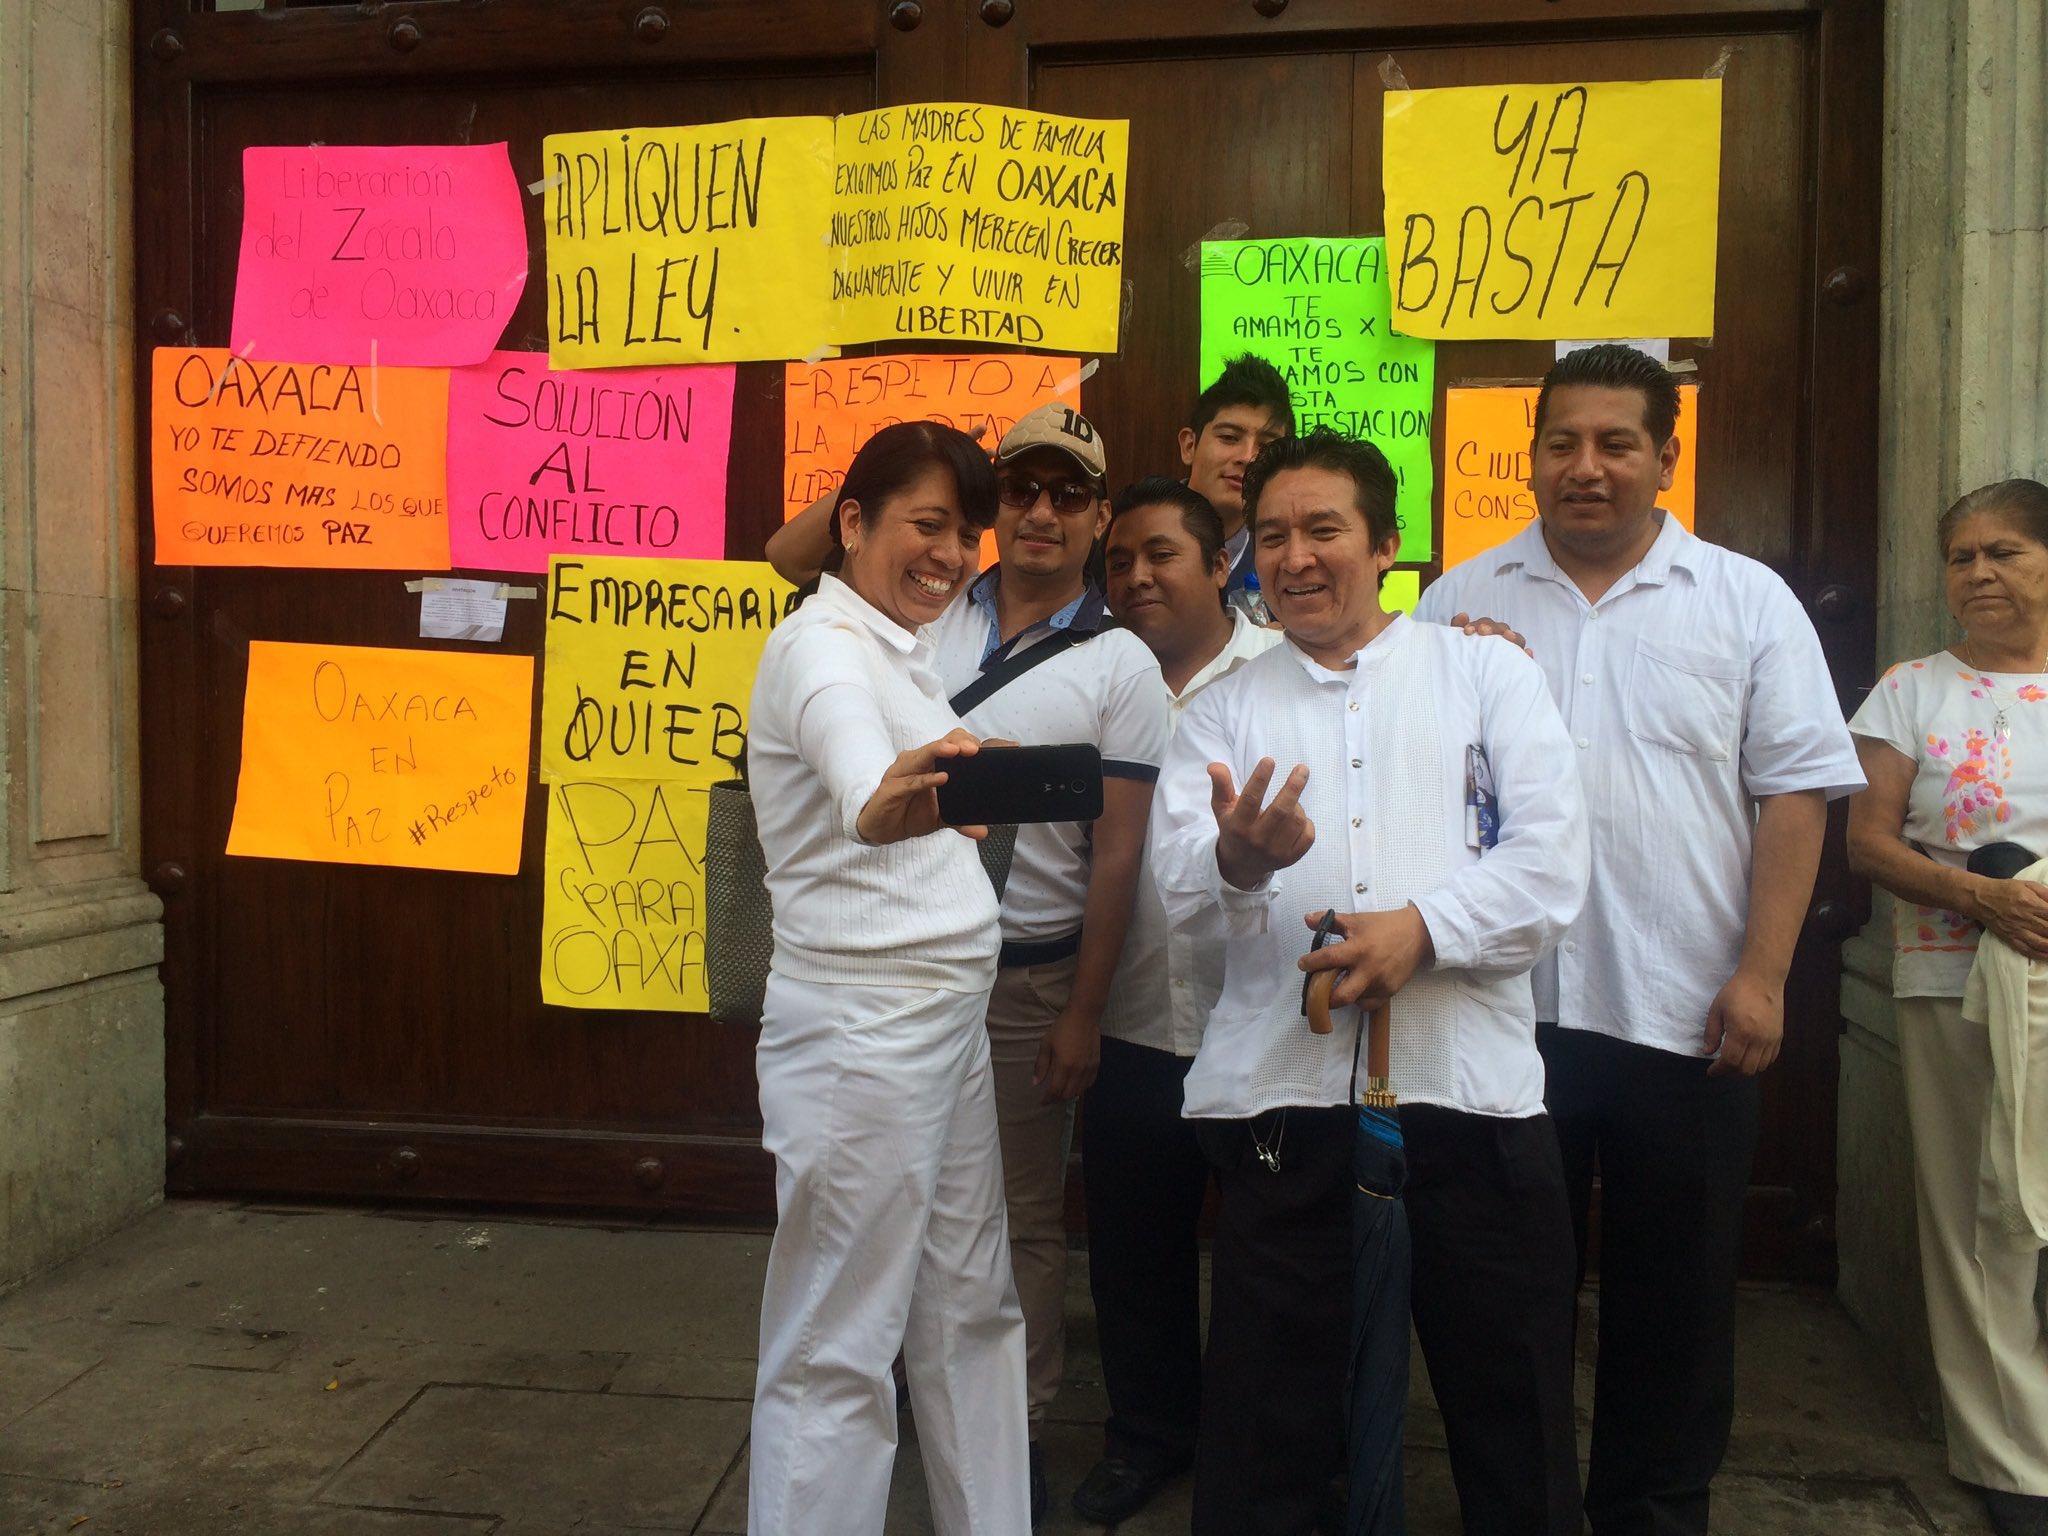 Oaxaca del pueblo, el día que la Vallistocracia se autobloquea